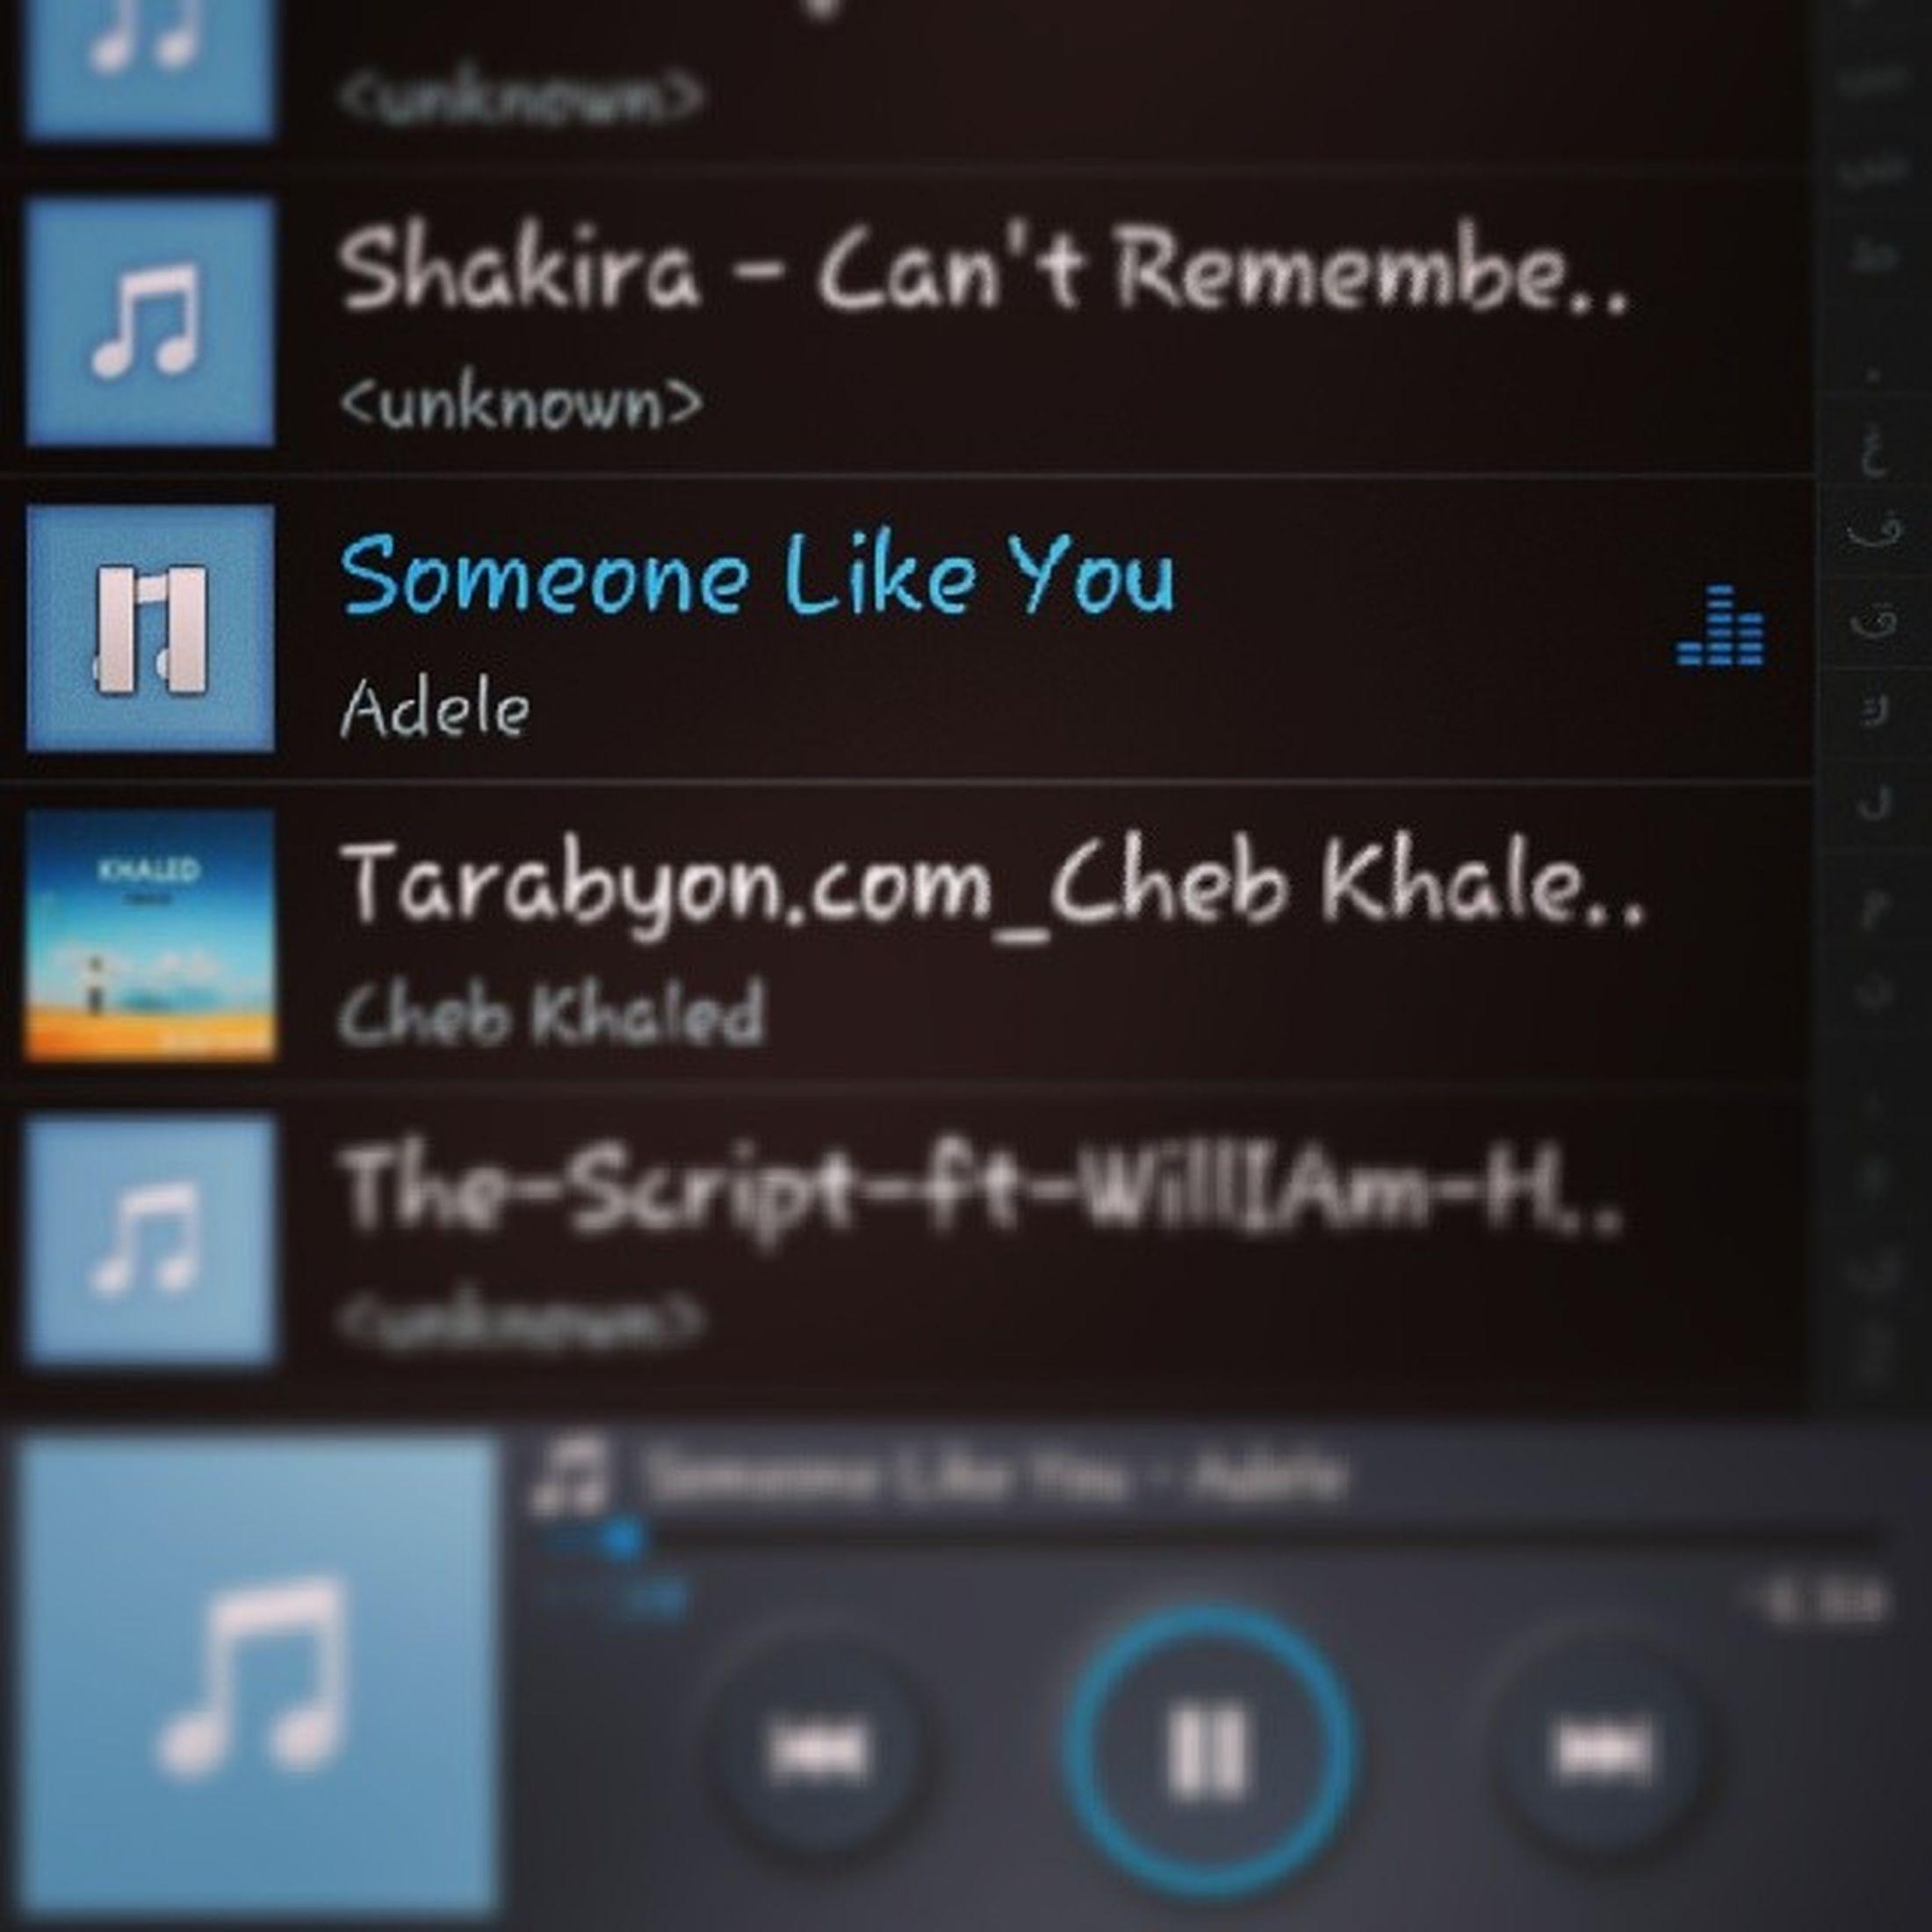 Someone_likeyou